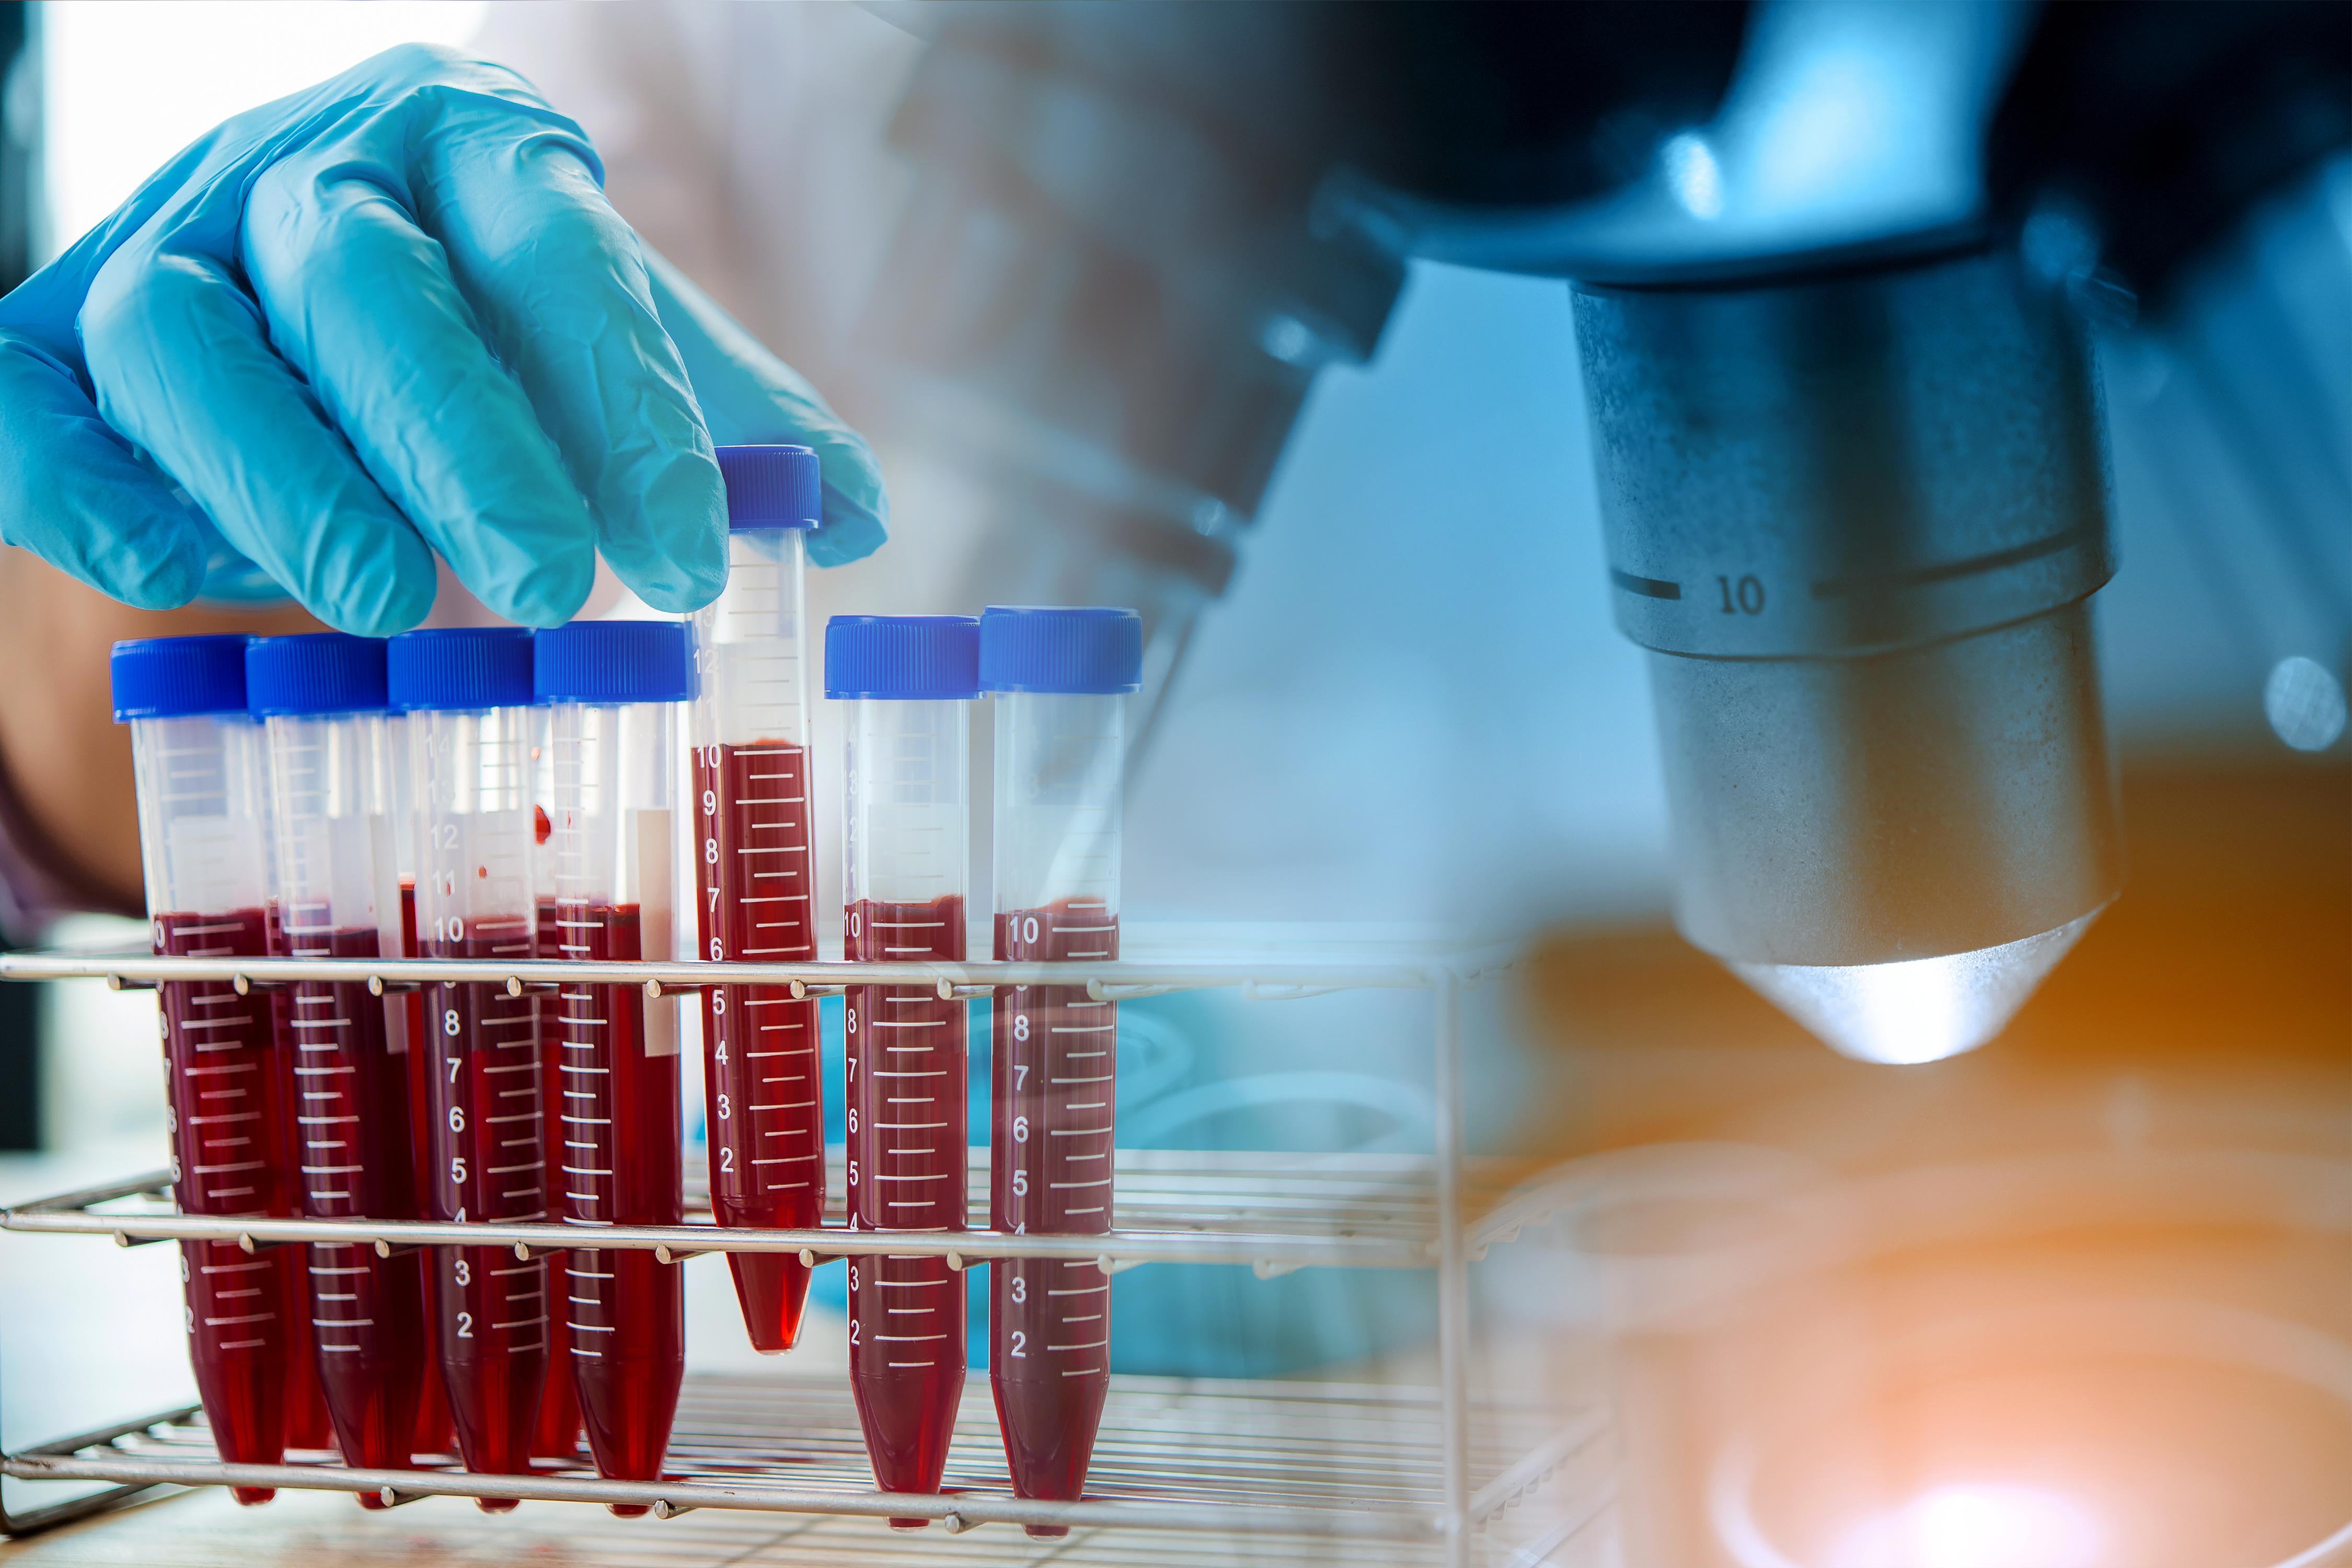 Une technique d'intelligence artificielle (IA), l'apprentissage automatique, pour identifier les biomarqueurs sanguins de l'autisme et développer un test sanguin de détection (Visuel Adobe Stock 283646387).